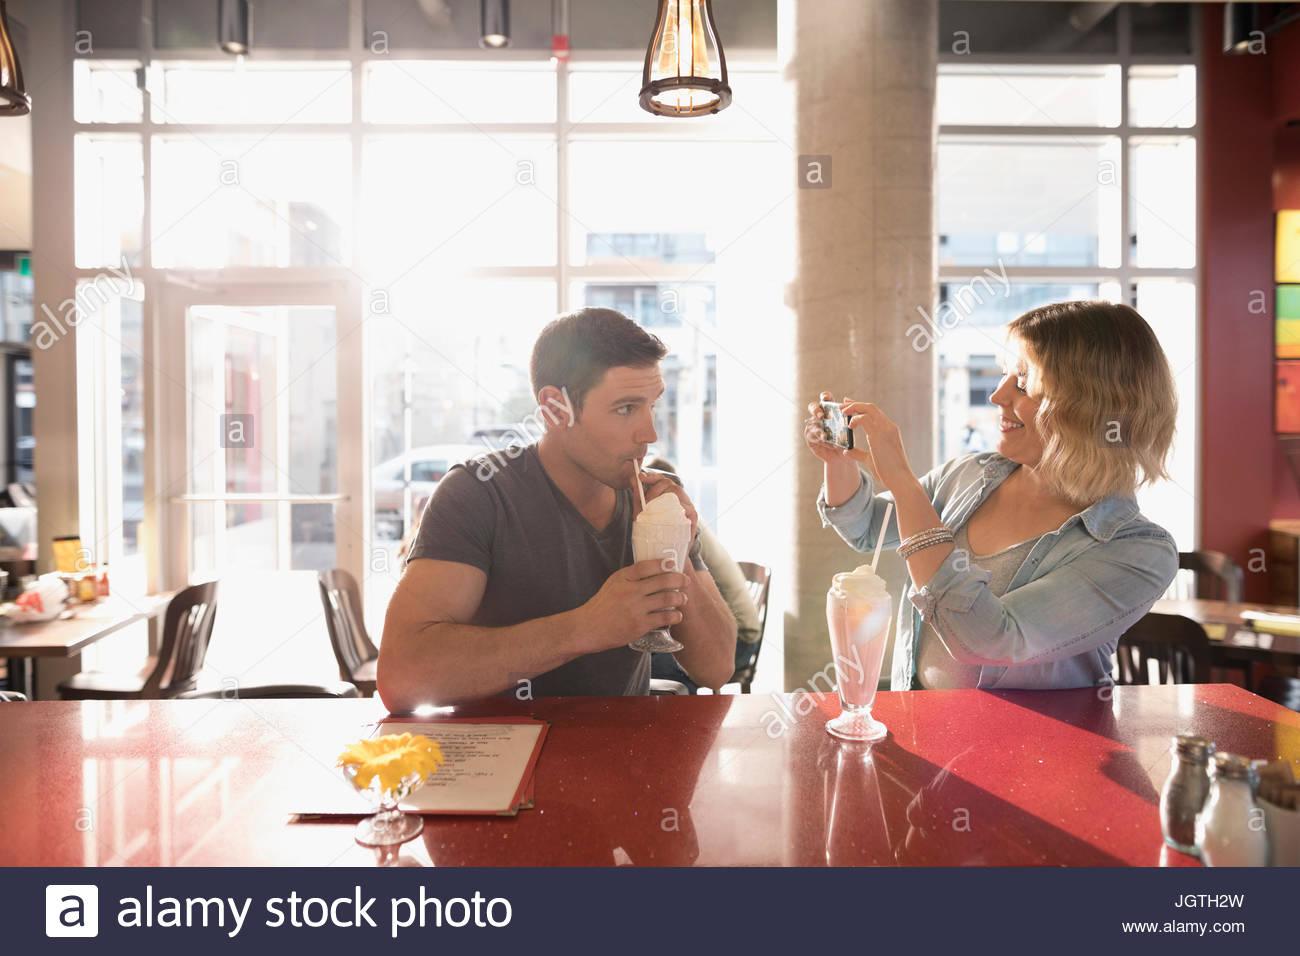 Freundin mit Handykamera fotografiert Freund trinken Milchshake an Diner Theke Stockbild